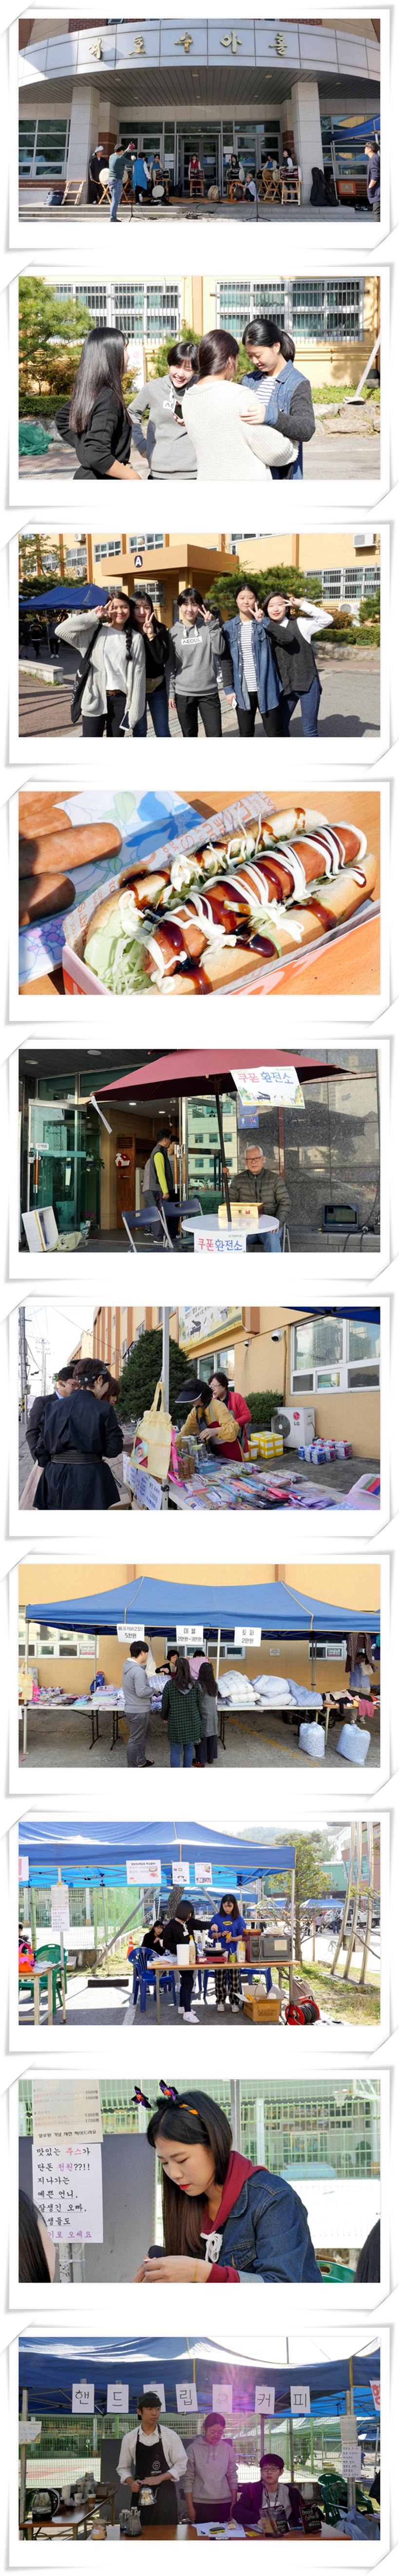 2017마을축제(5)